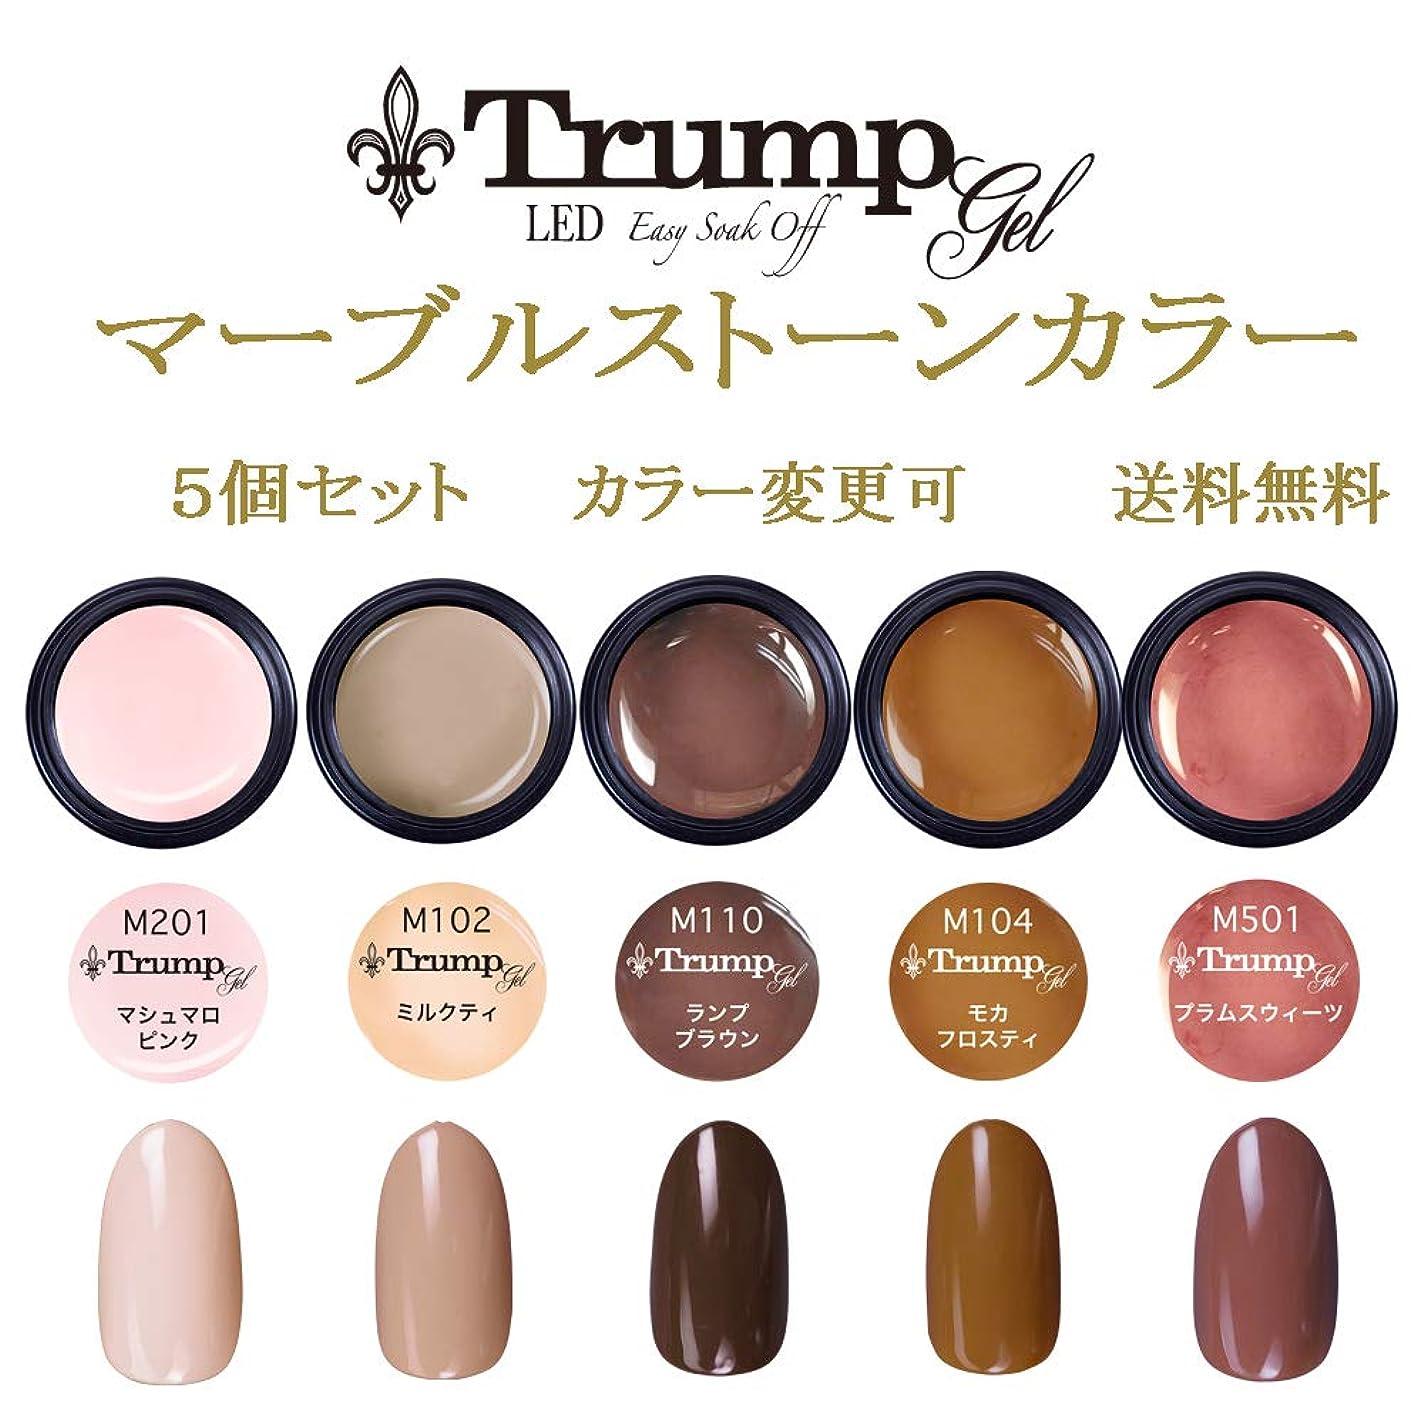 ふりをする下に向けますメタン【送料無料】日本製 Trump gel トランプジェル マーブルストーン カラージェル 5個セット 人気の大理石ネイルカラーをチョイス